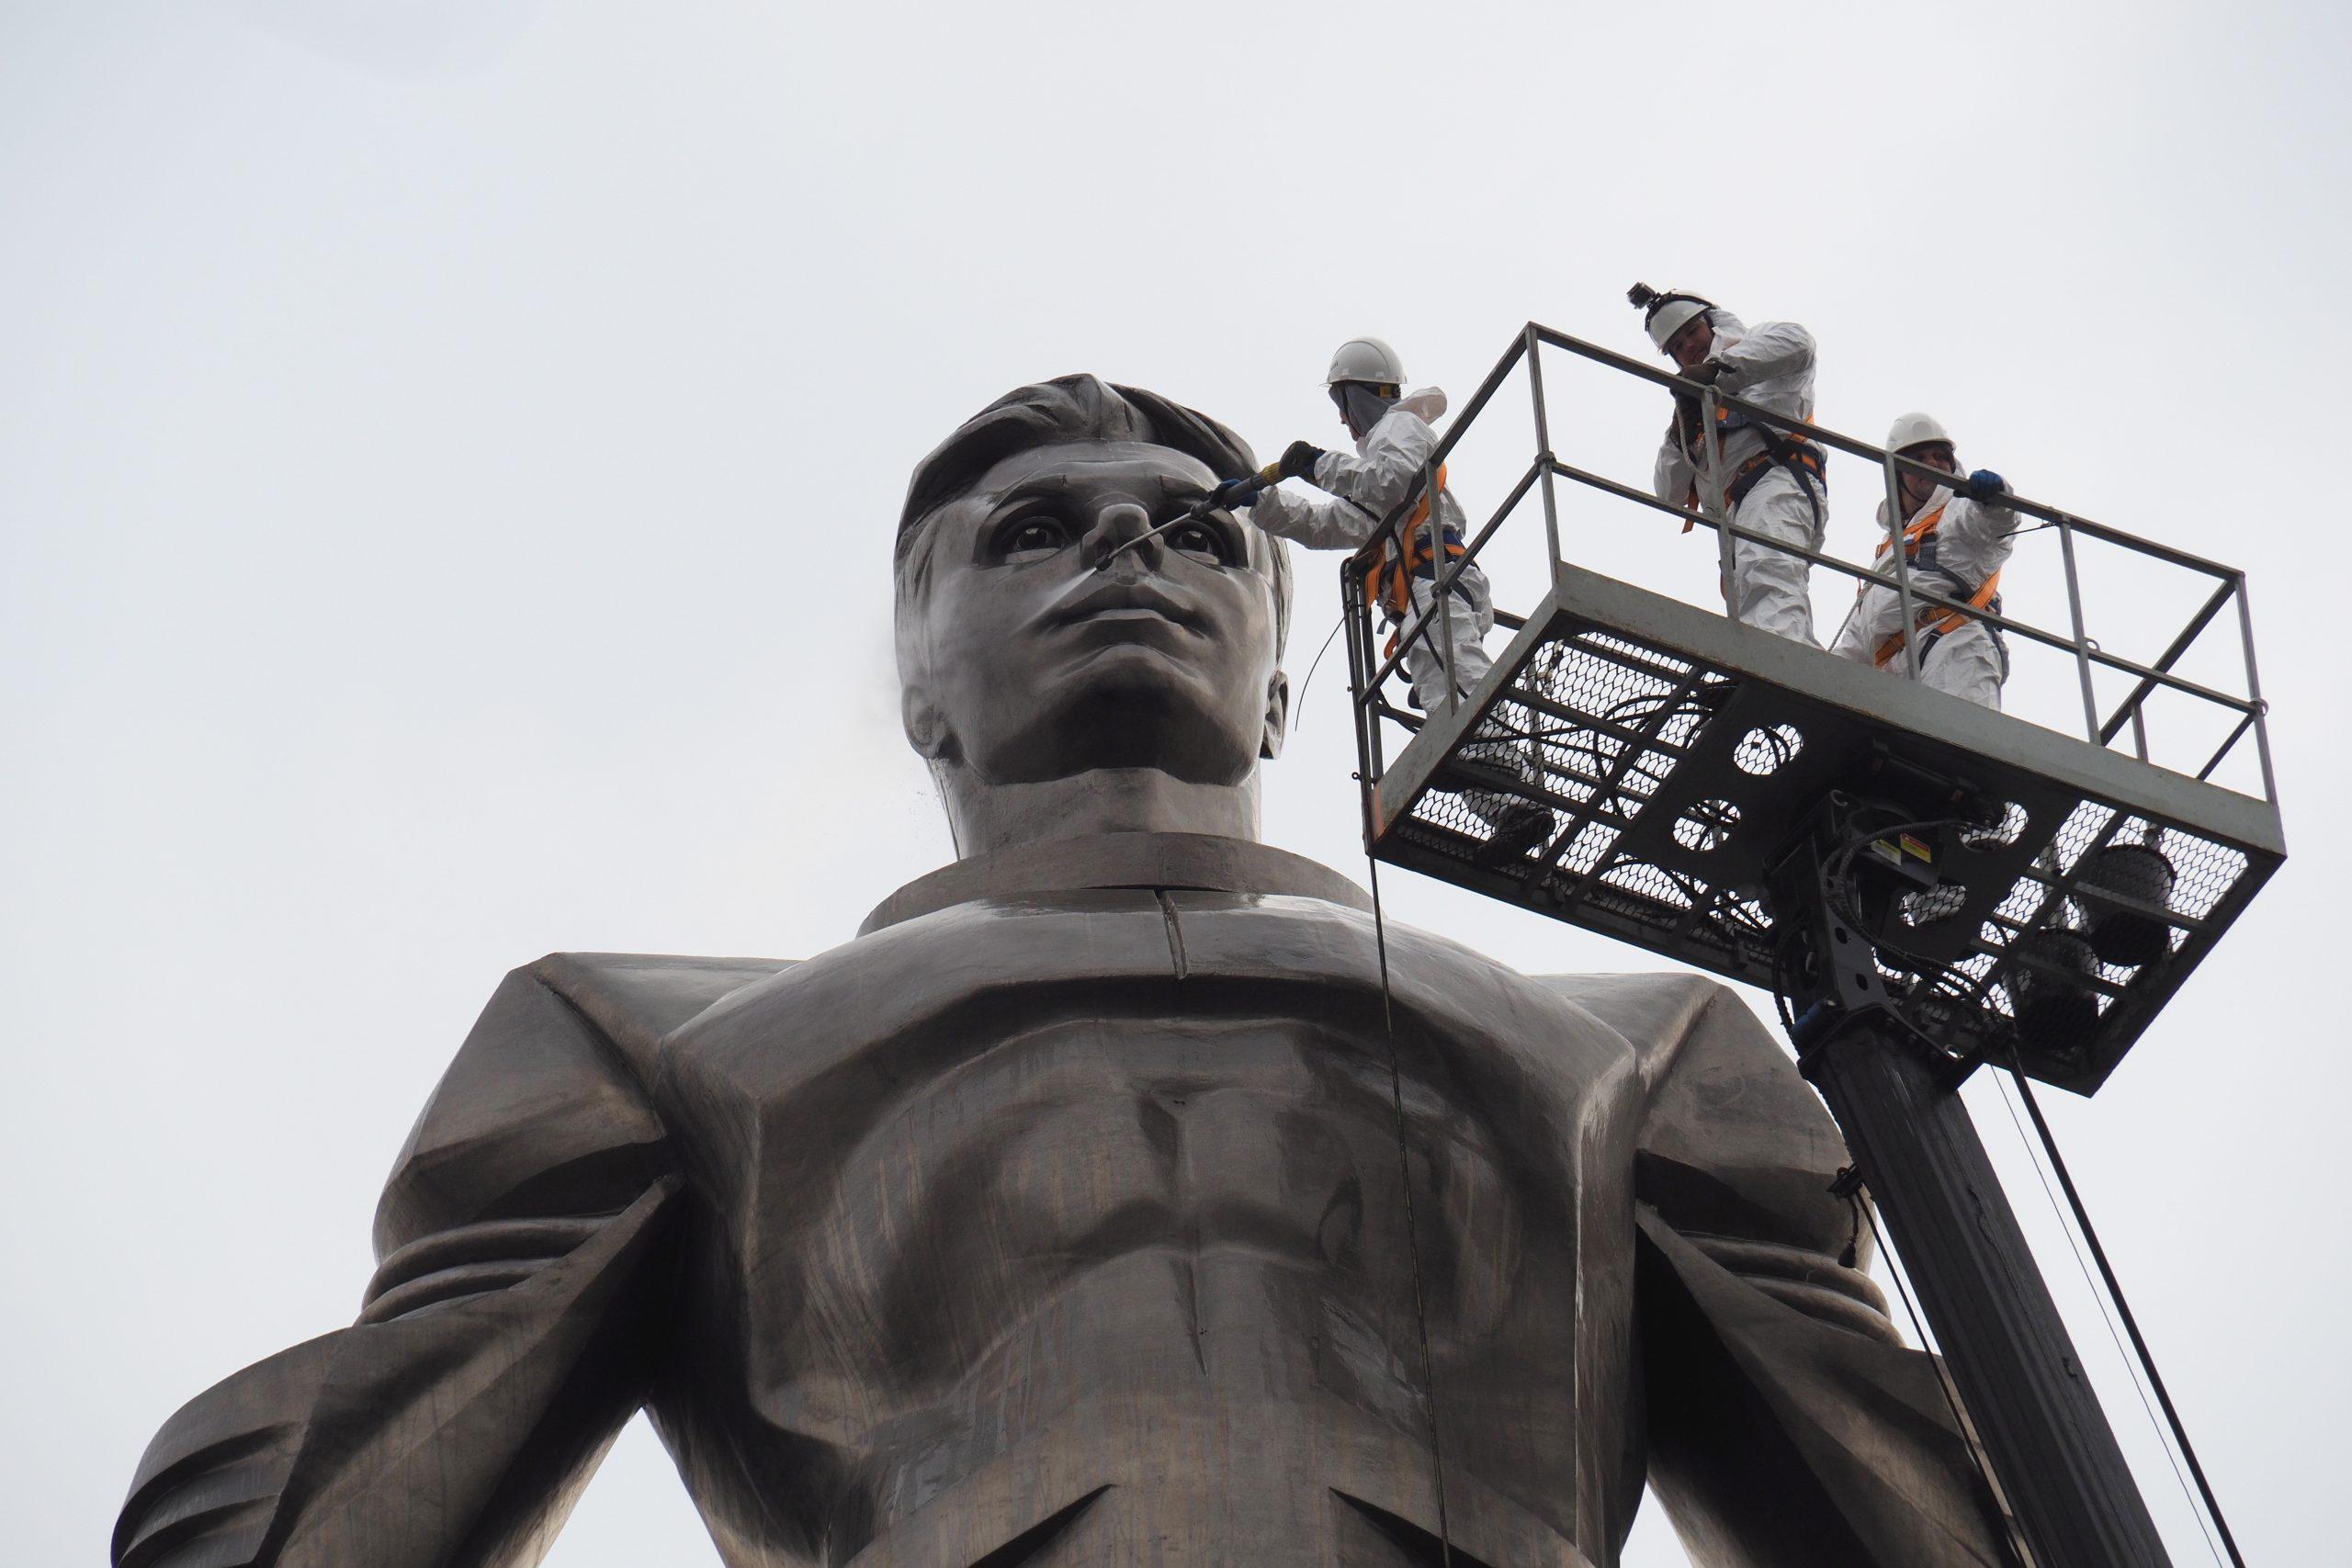 Высота монумента превышает 42 метра. Фото: Павел Волков